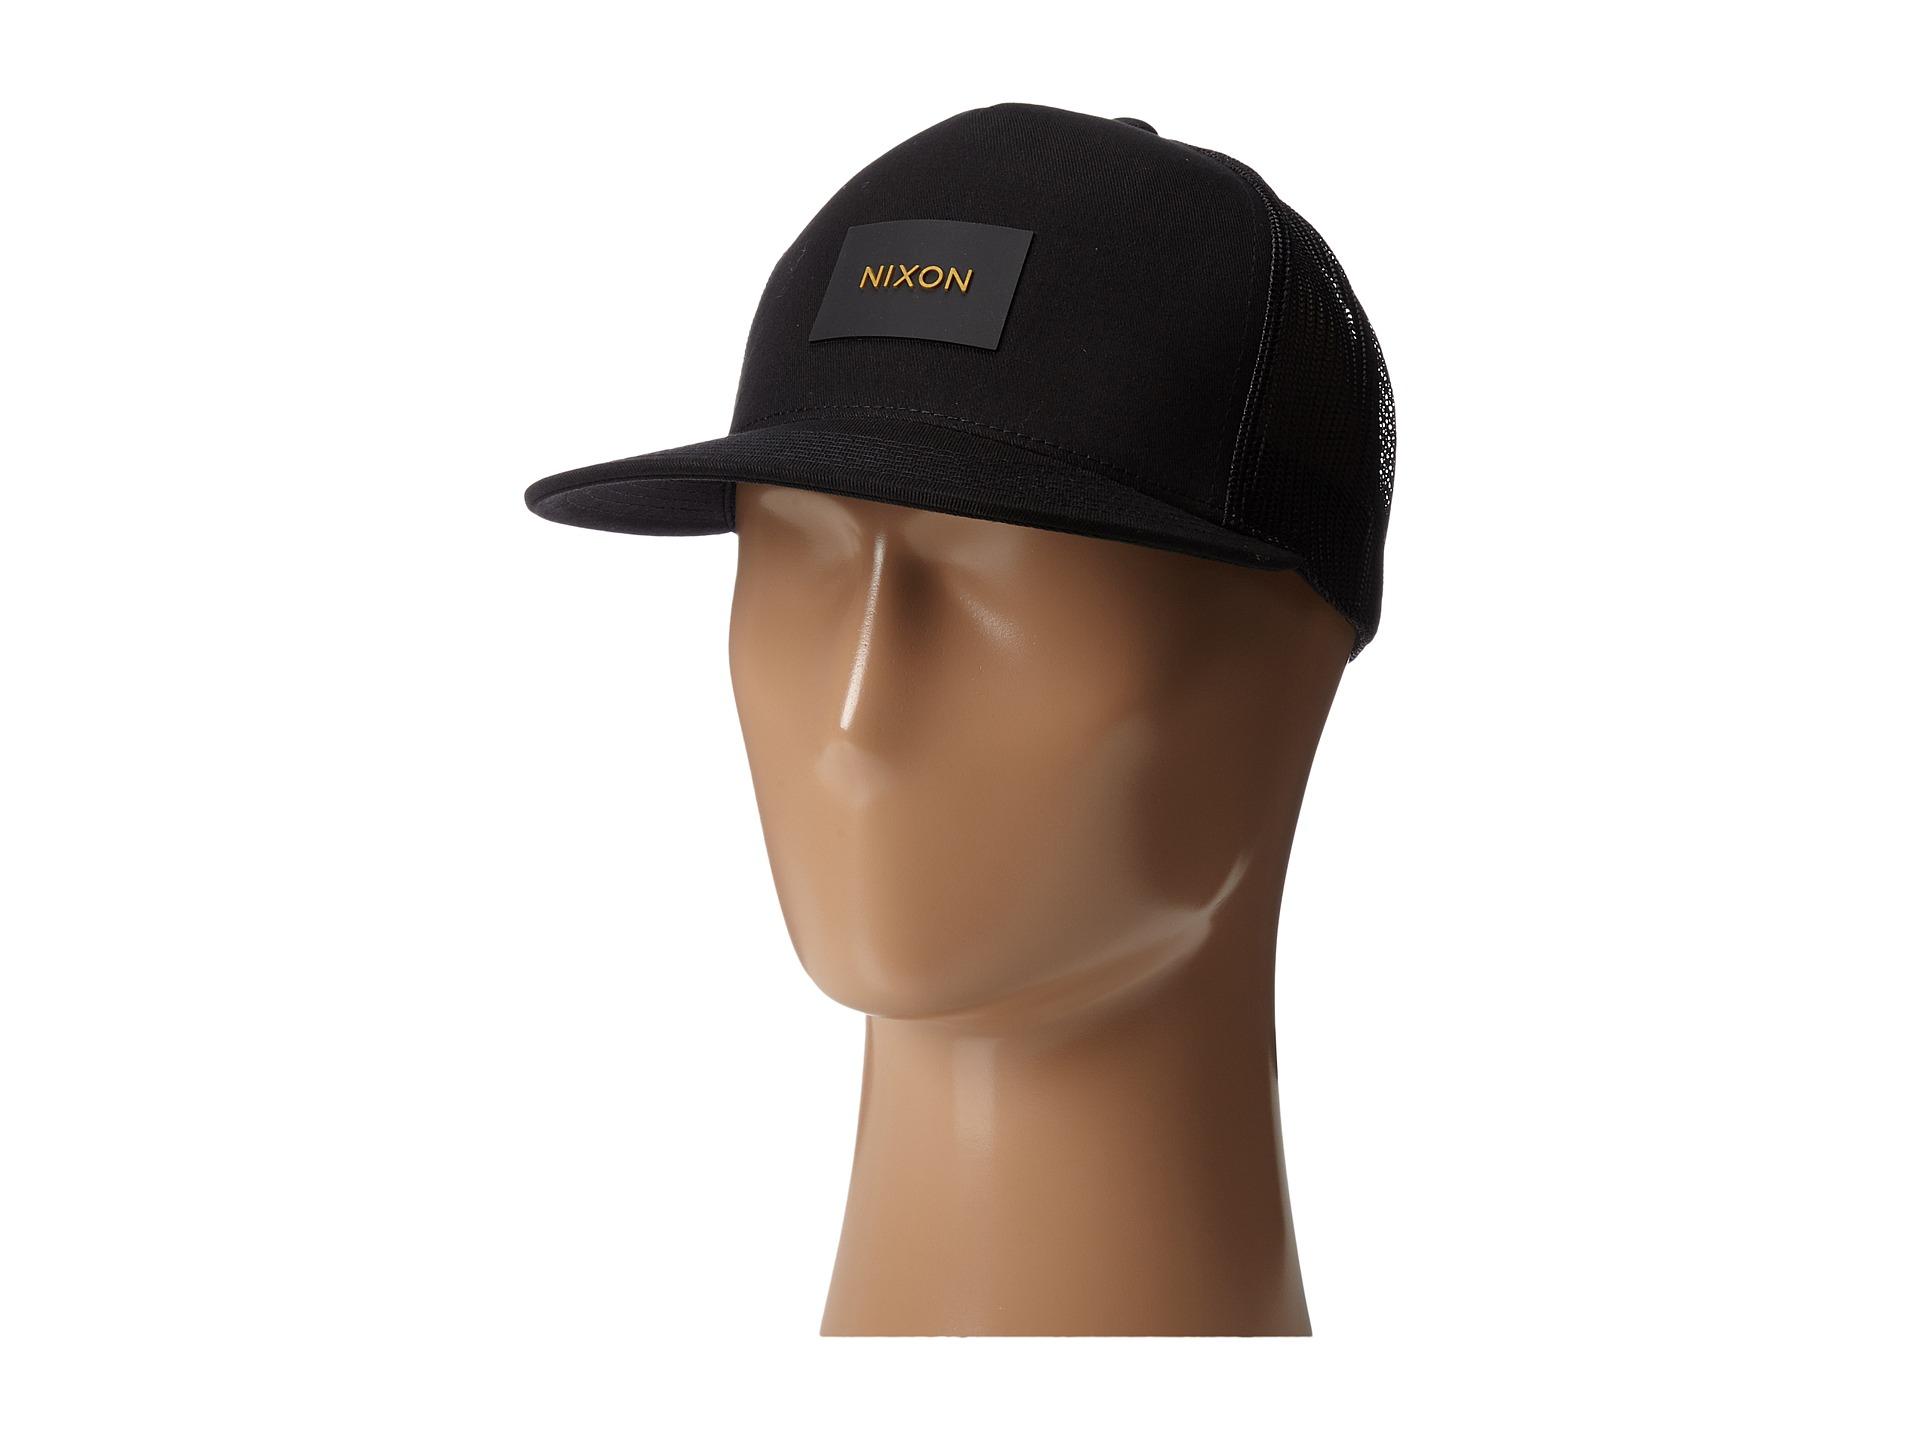 Lyst - Nixon Team Trucker Hat in Black 3027c761b3b